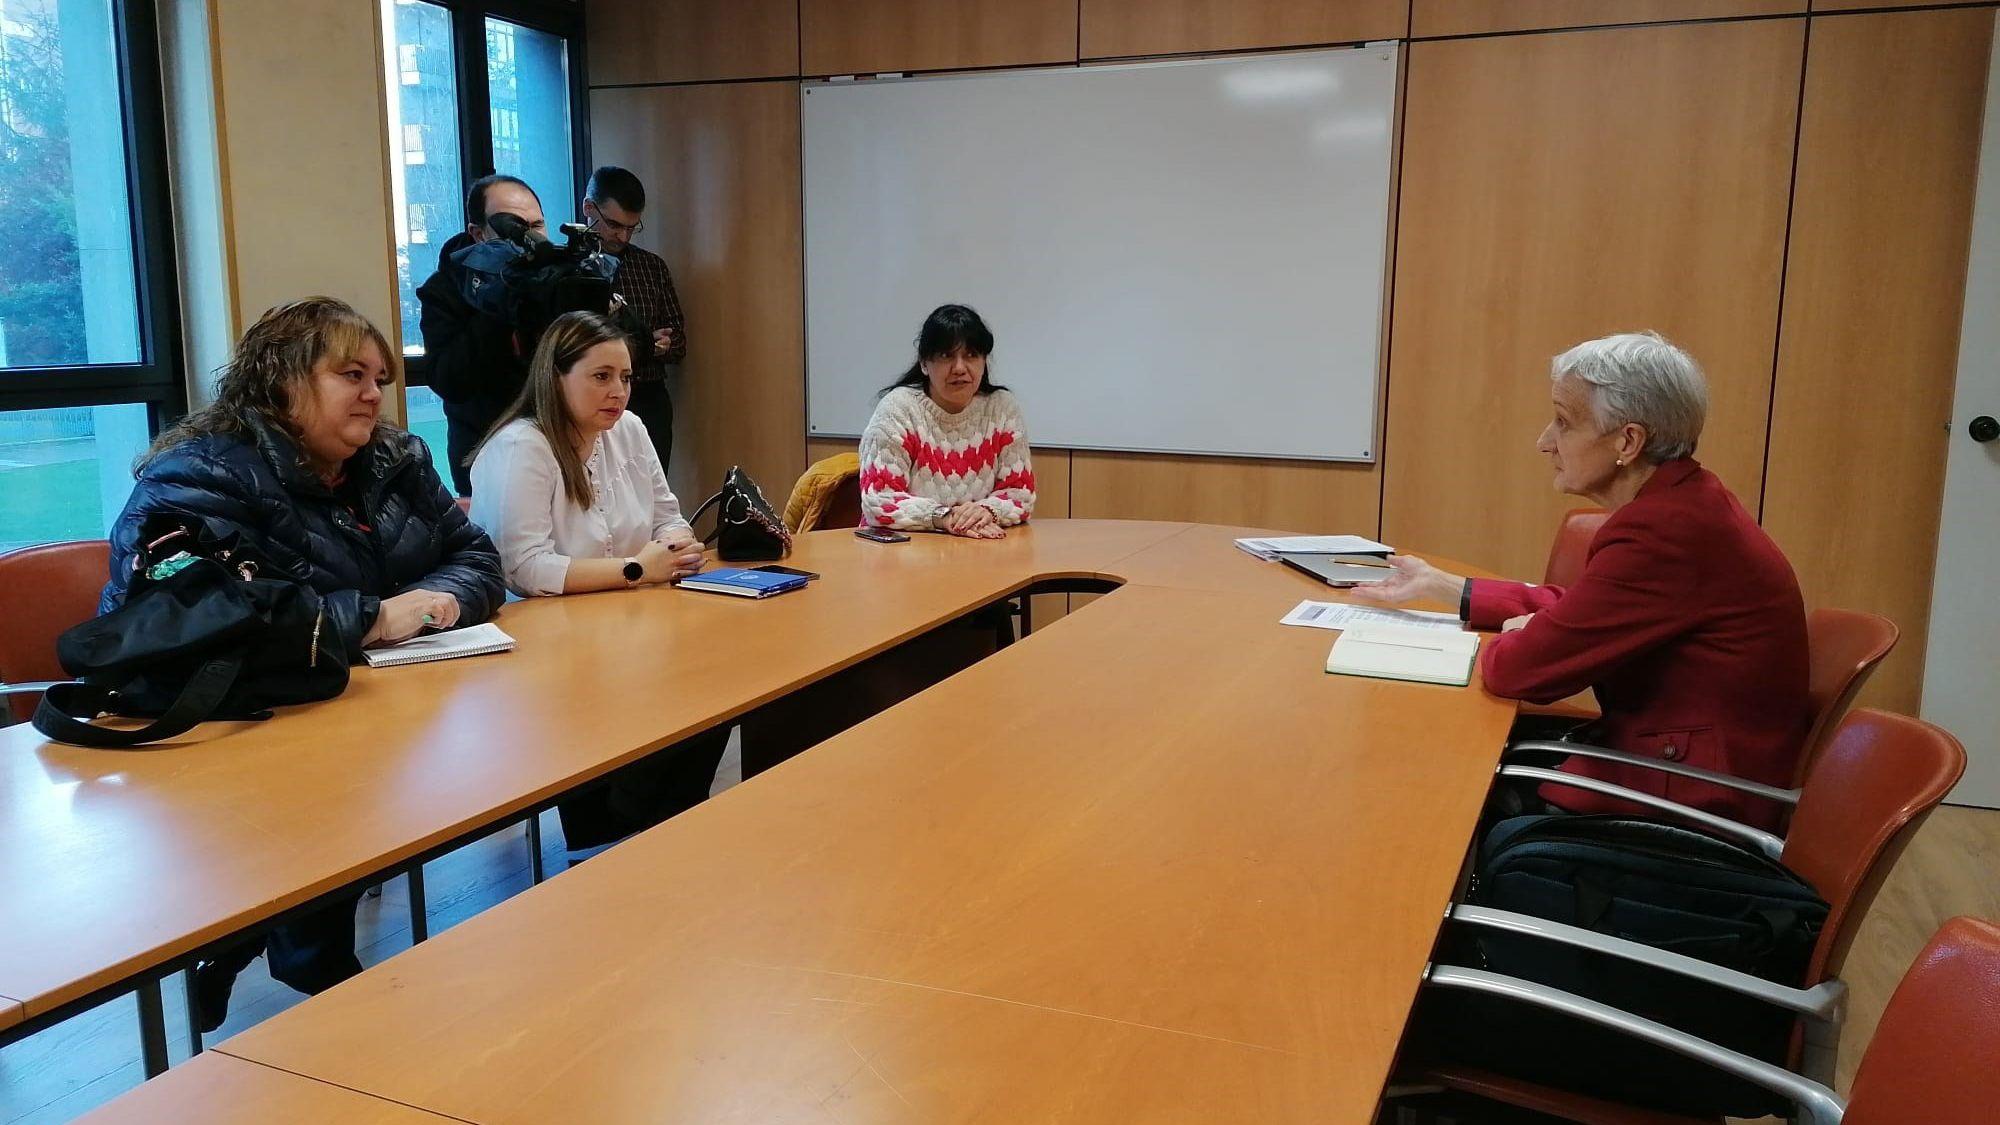 Reunión entre la consejera de Educación, Carmen Suárez y los representantes de Padres y madres de Alumnos.